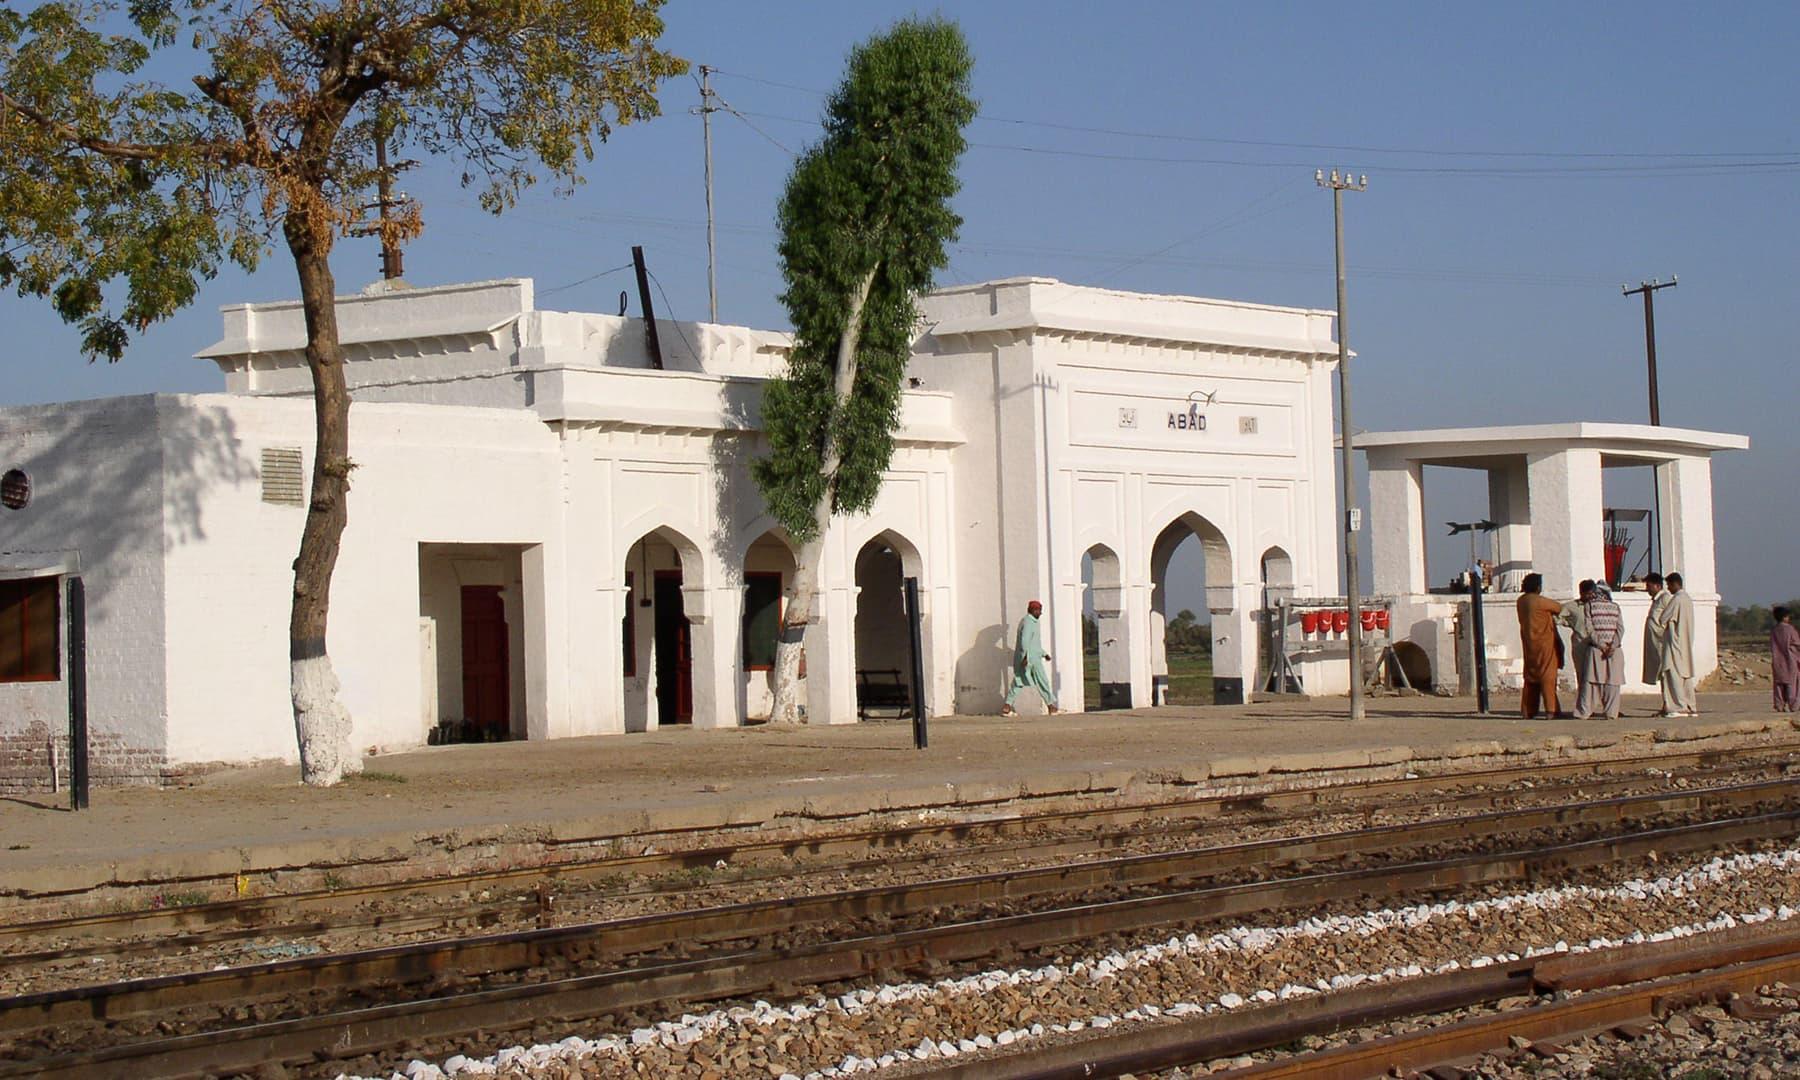 جب ہم لنڈو ٹرین سے سفر کرکے گاؤں آتے تو جیکب آباد شہر تک جانے کی بجائے آباد ریلوے اسٹیشن پر ہی اتر جاتے